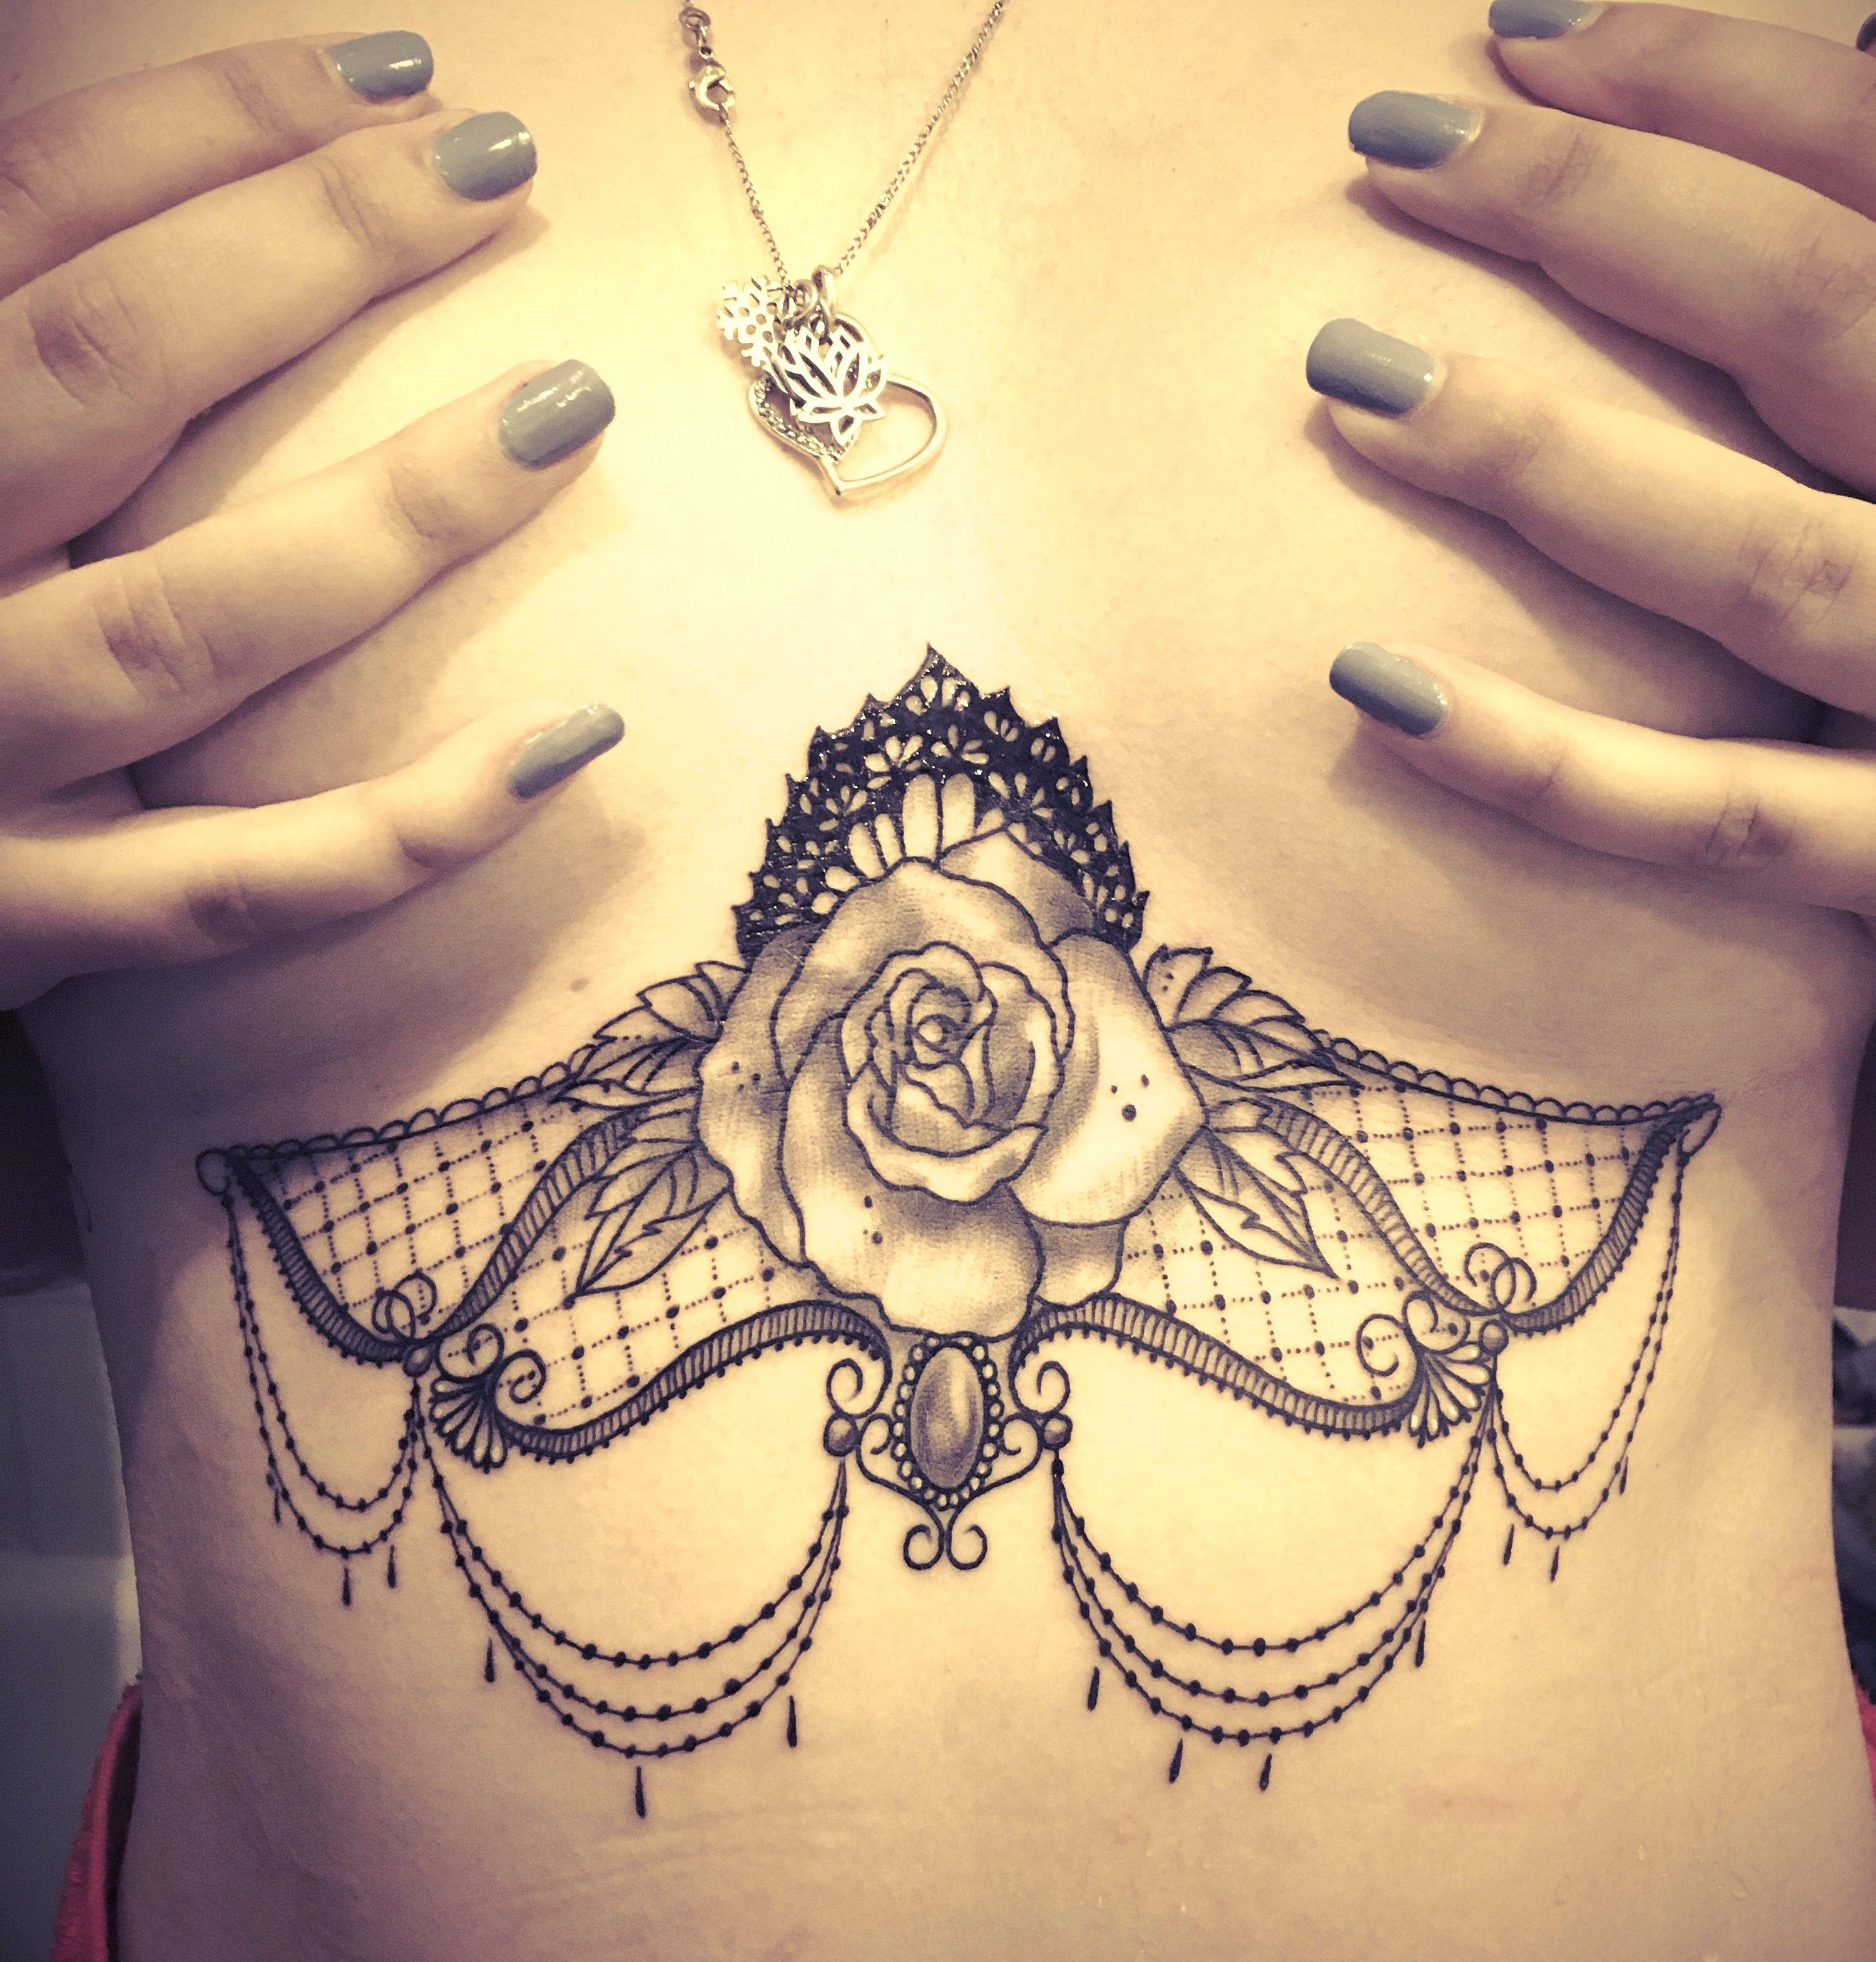 tatouage femme tatouage poitrine un tatouage de dessous de. Black Bedroom Furniture Sets. Home Design Ideas